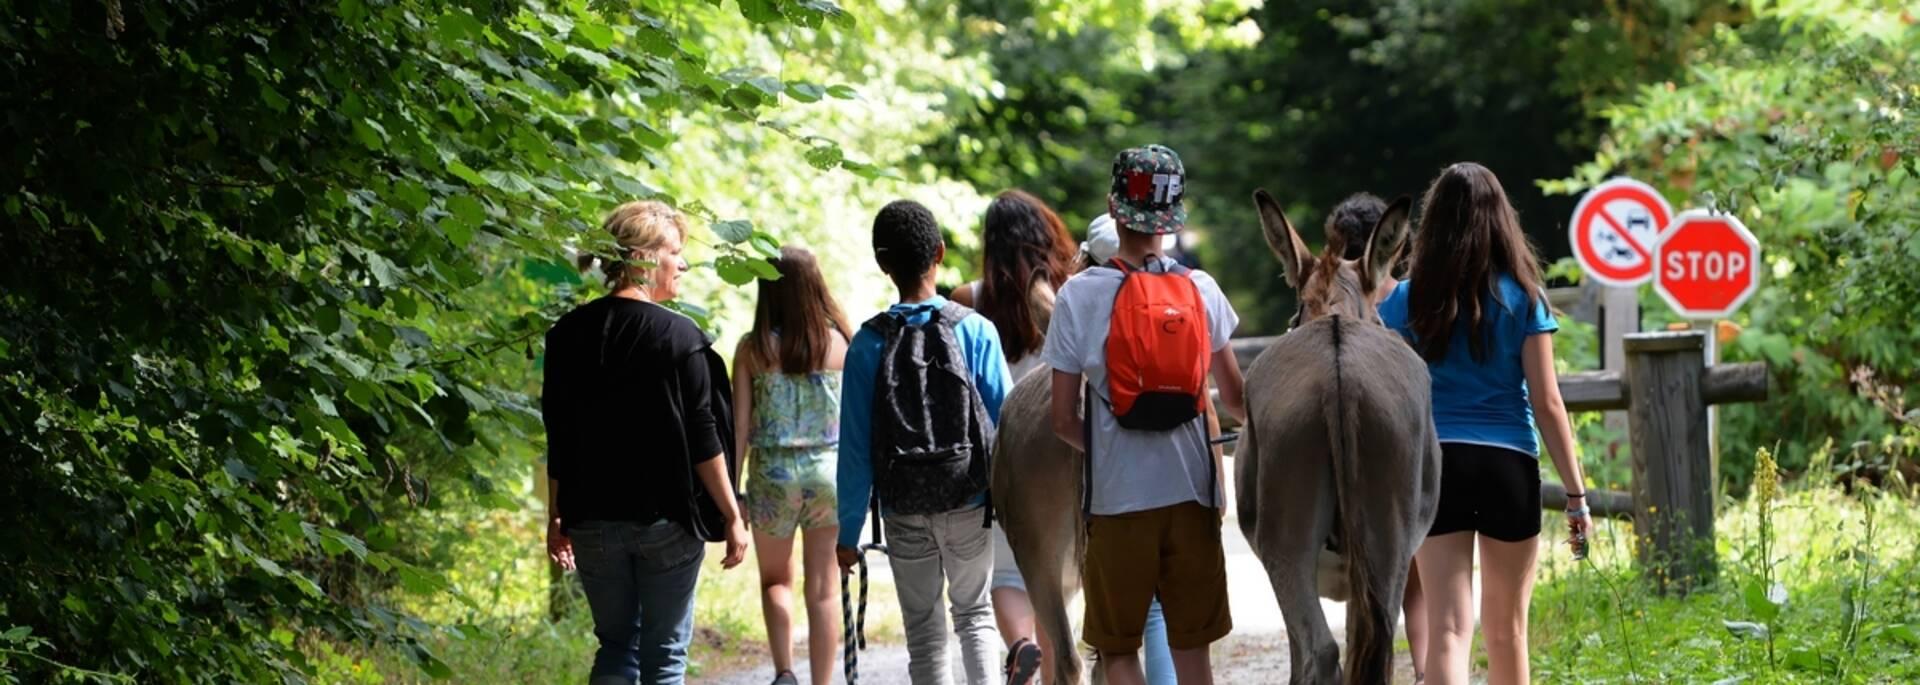 Enfants en randonnée sur la voie verte